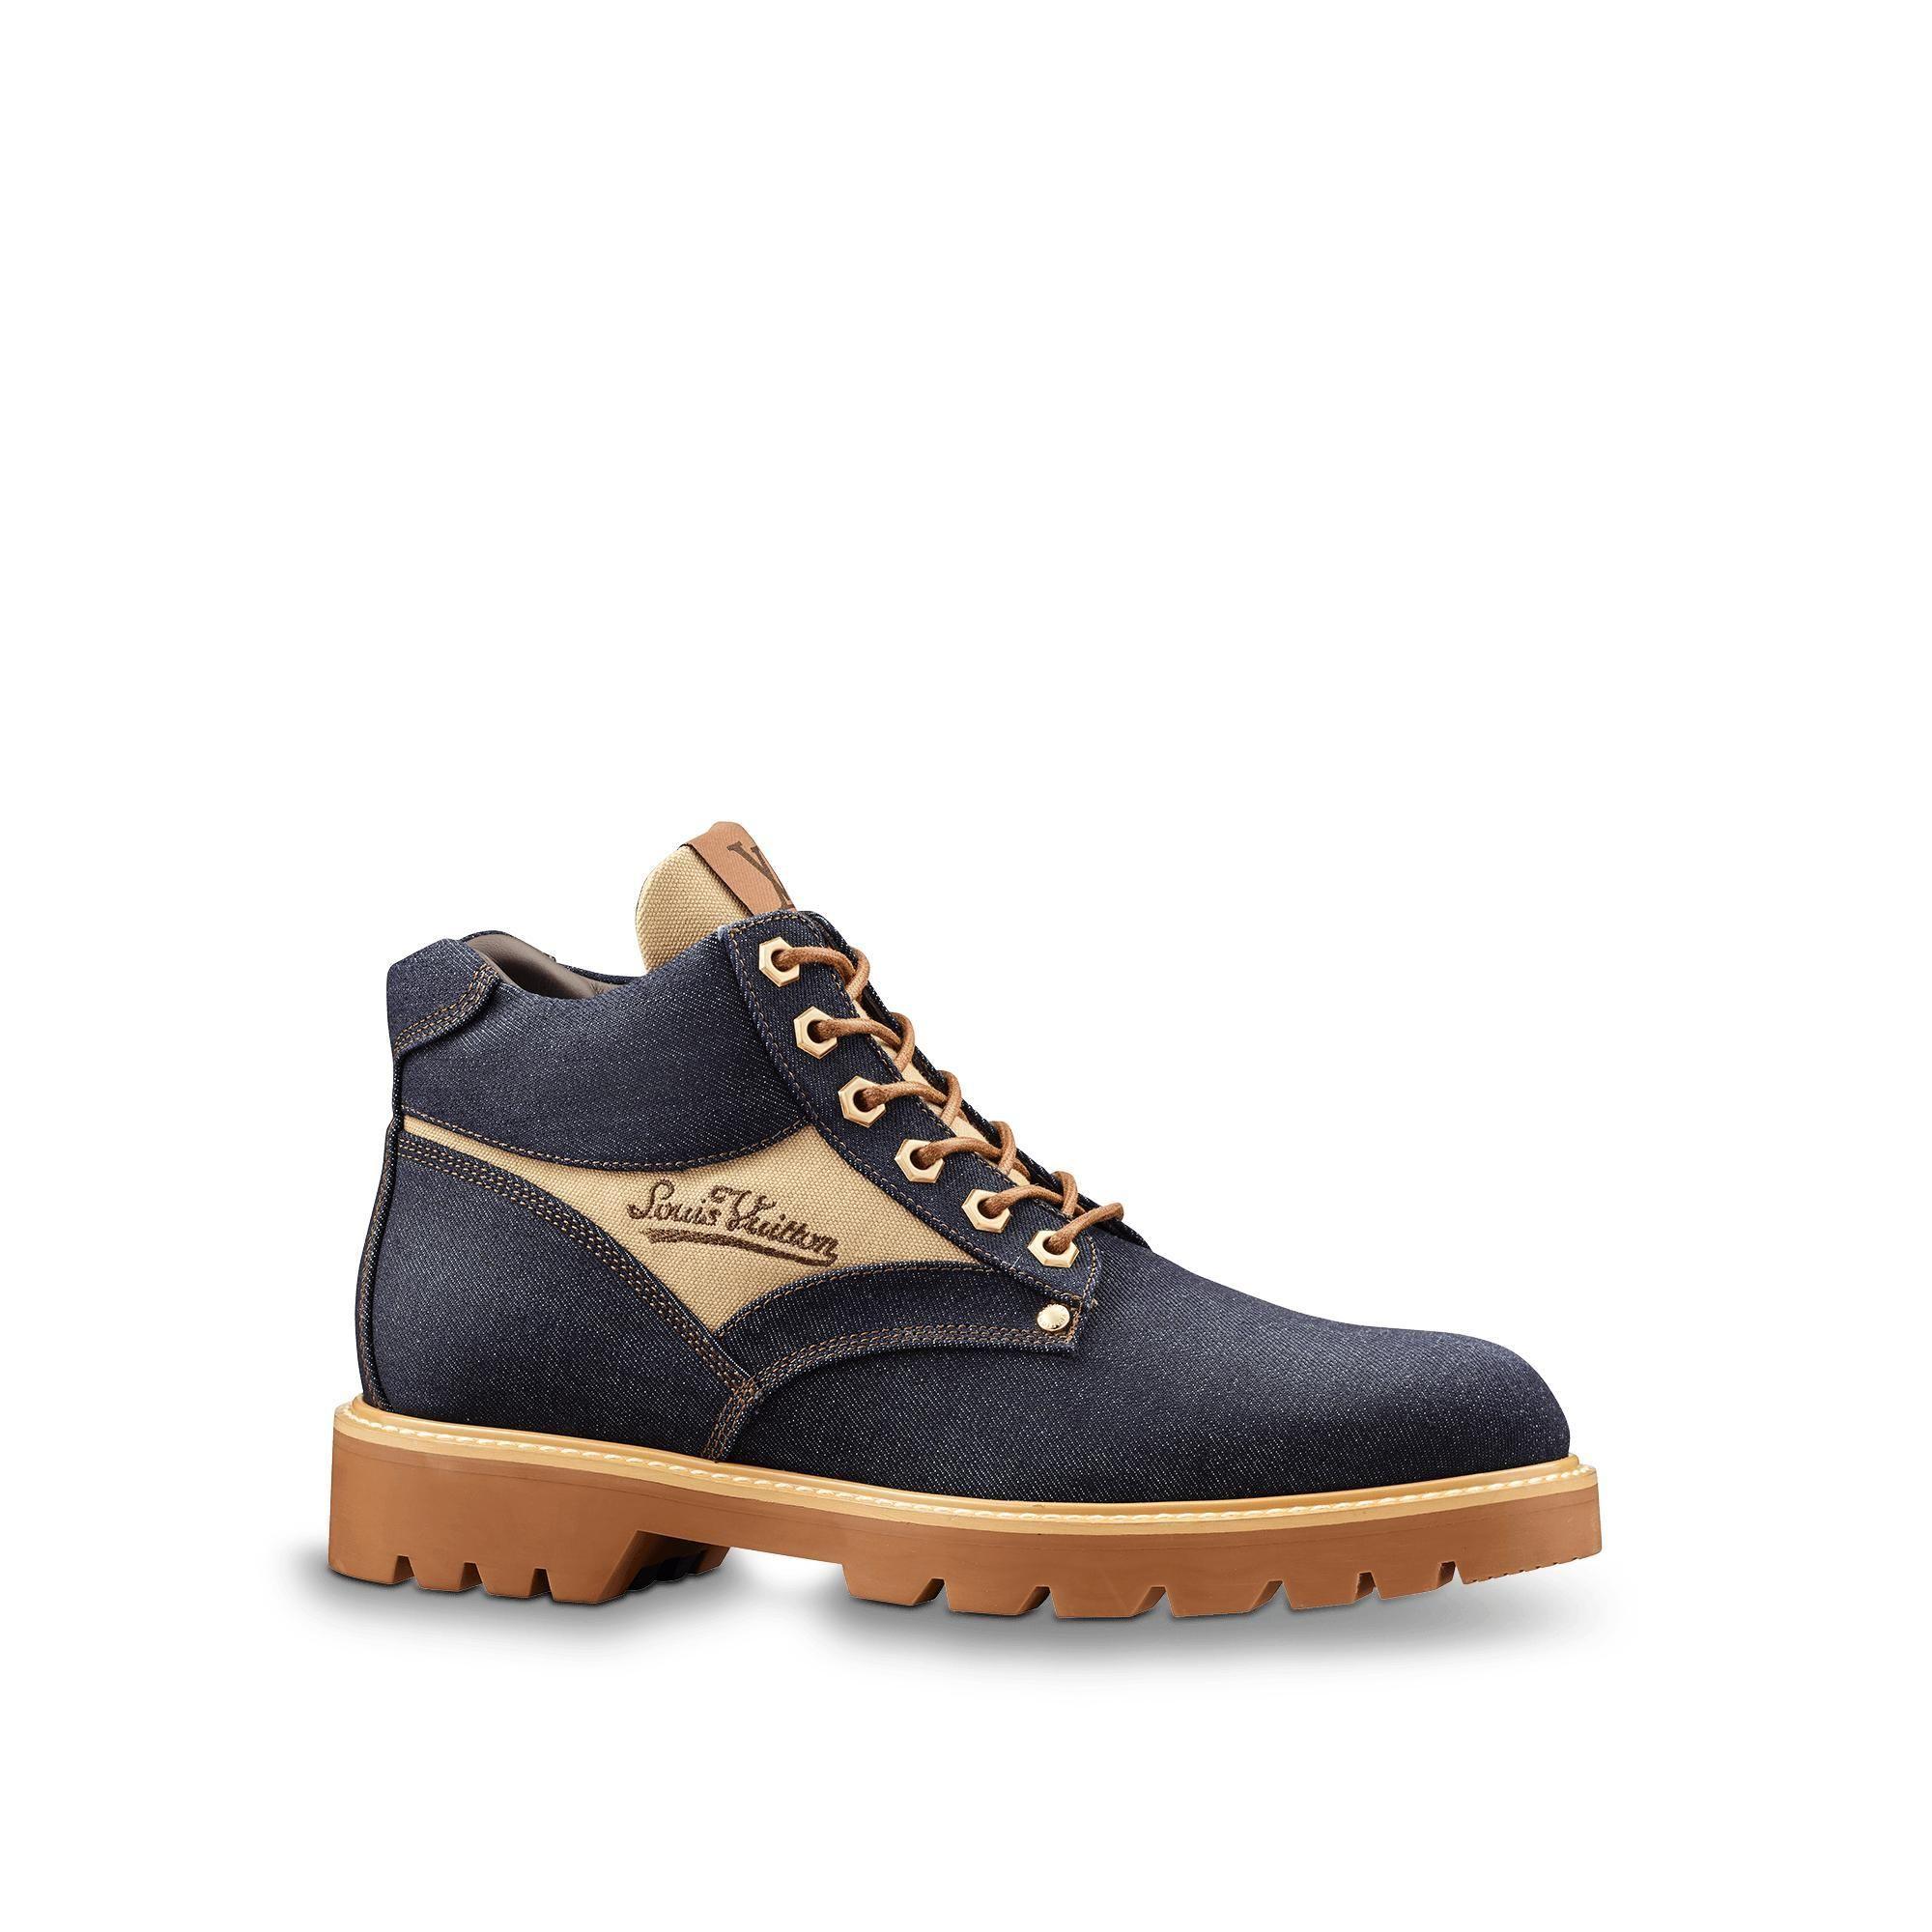 9412910869 LOUIS VUITTON Oberkampf Ankle Boot. #louisvuitton #shoes | Louis ...